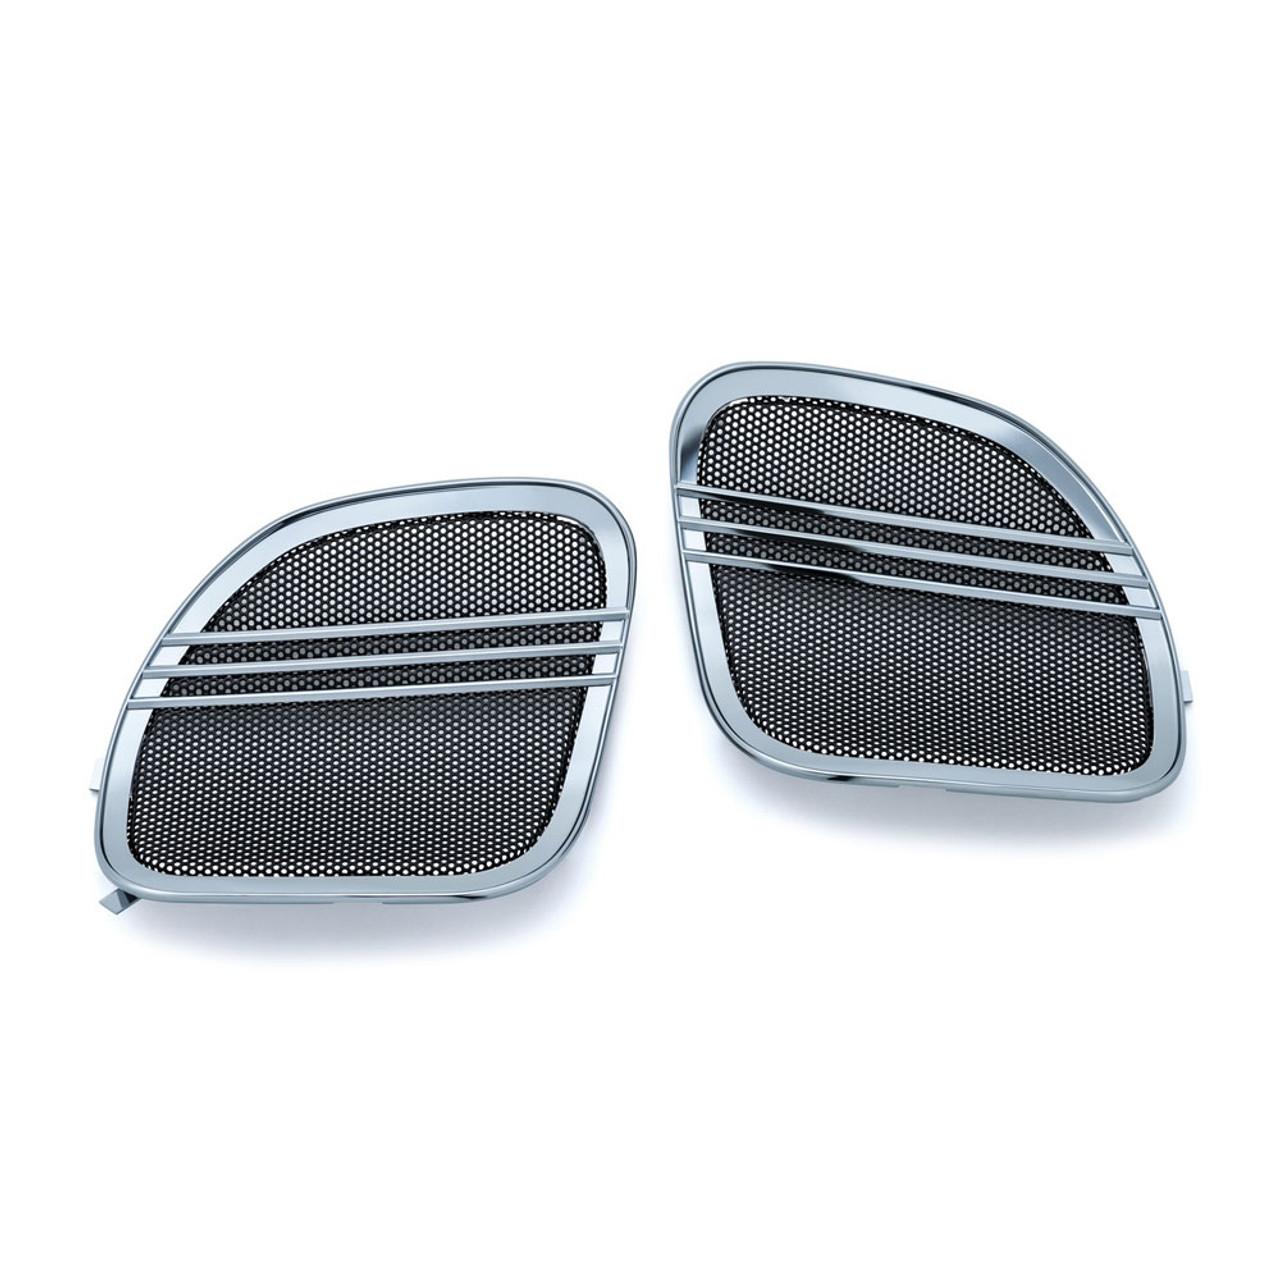 Original Equipment Door Mirror Cover Primed fits 2000-2008 BMW 325Ci 330Ci 760Li